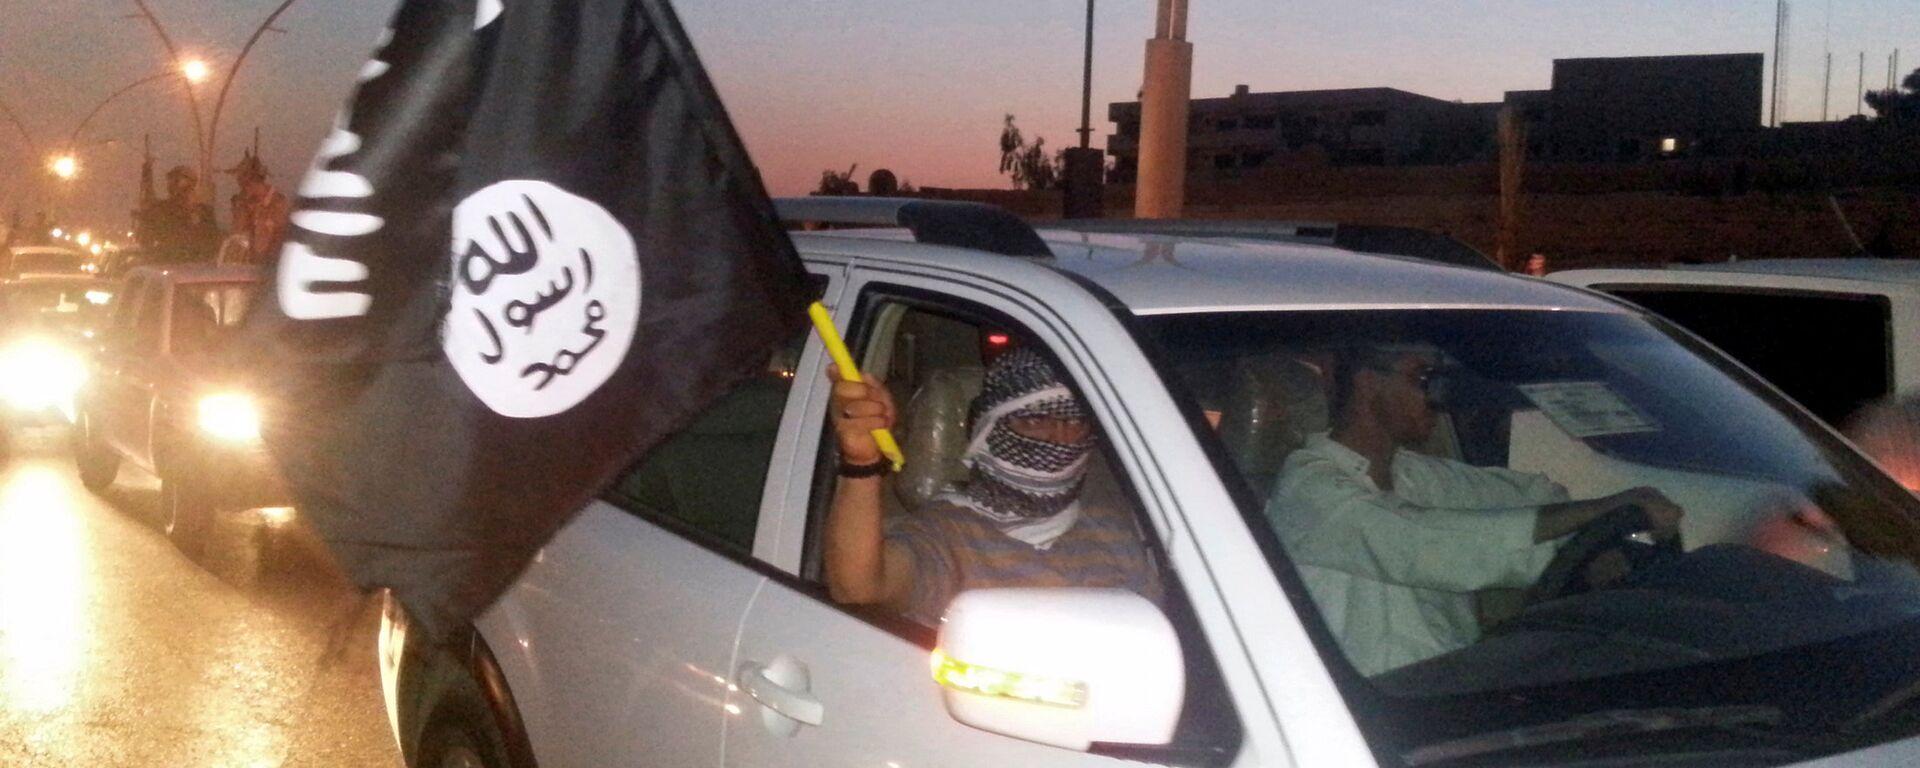 Militanti dell'ISIS a Mosul - Sputnik Italia, 1920, 11.07.2021